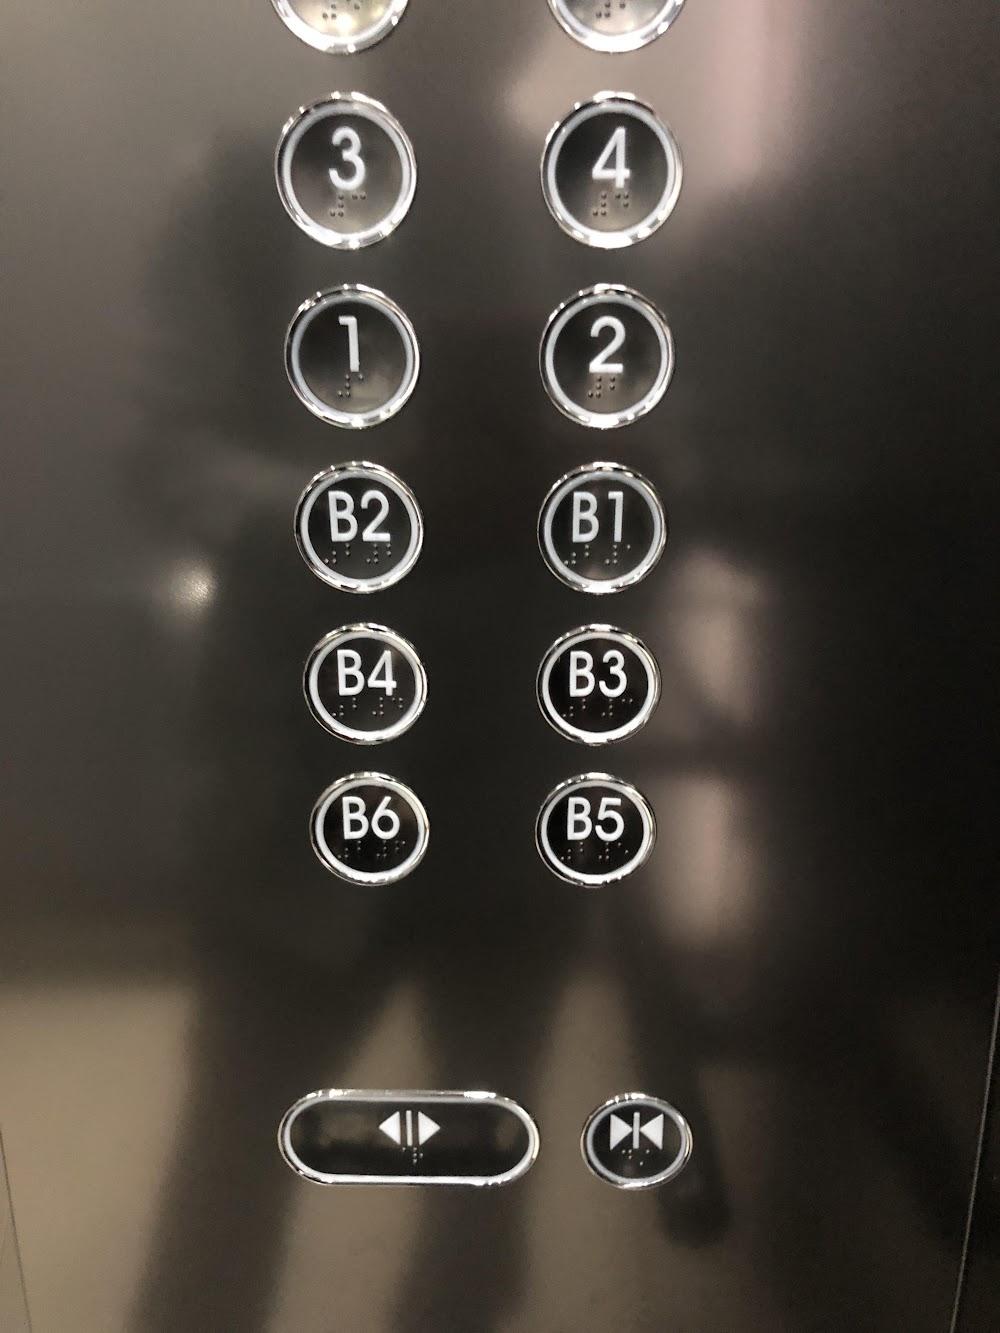 엘레베이터 열기 닫기 버튼